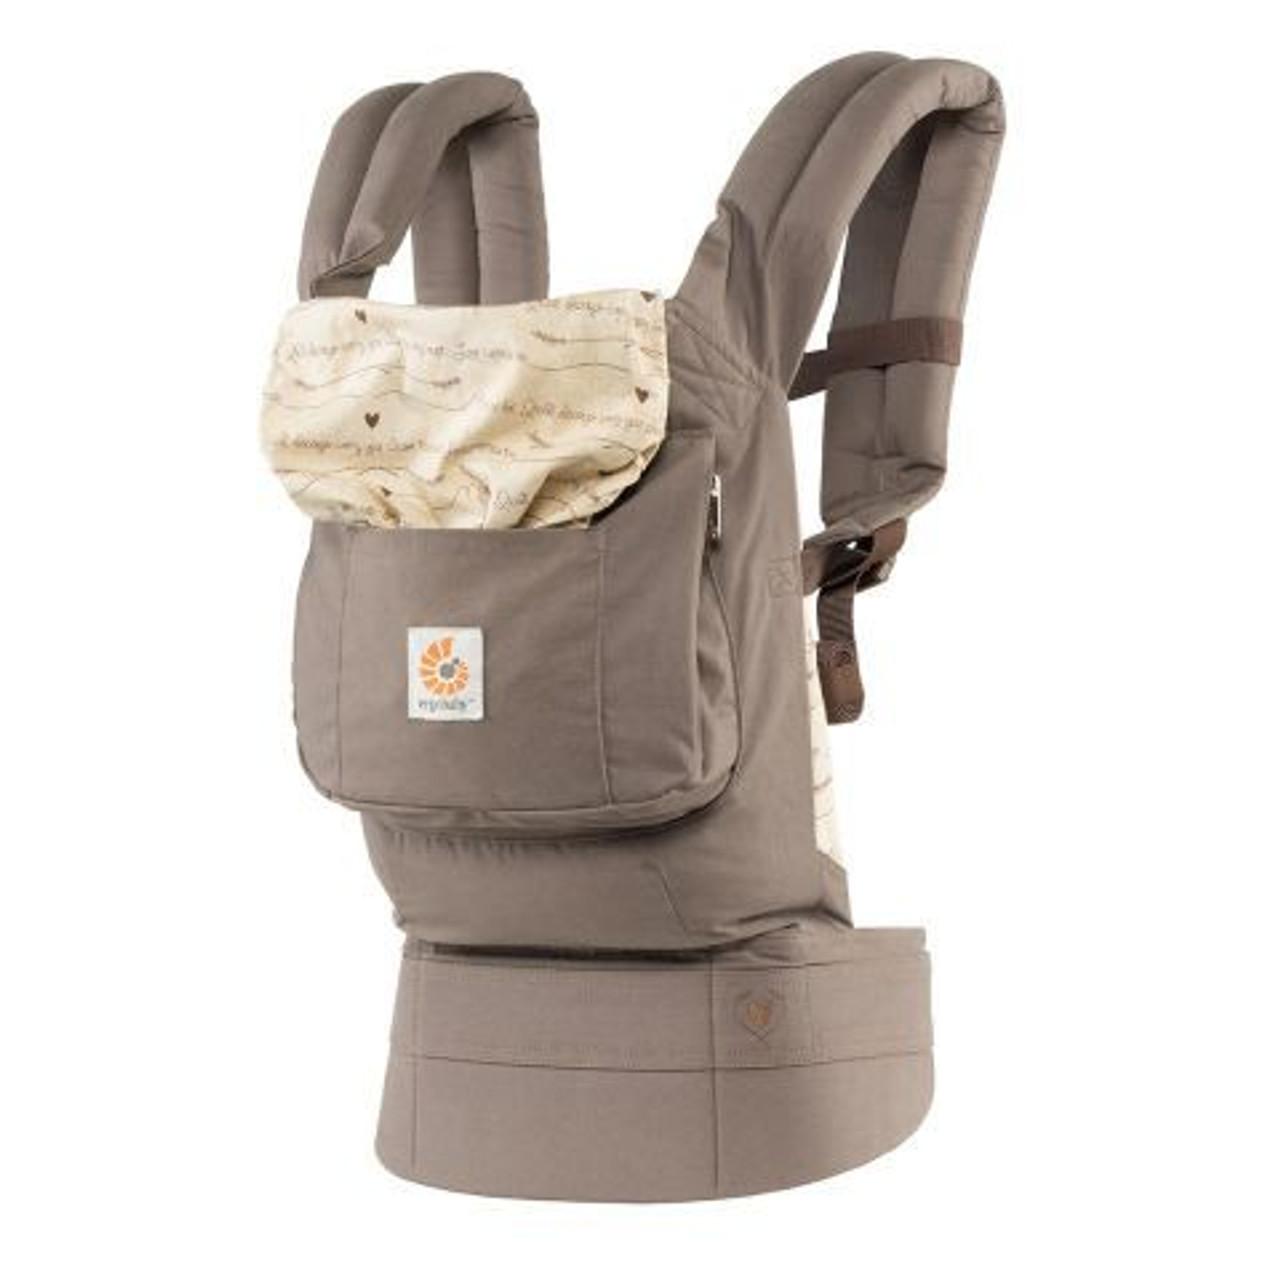 Ergo Baby Original Carrier